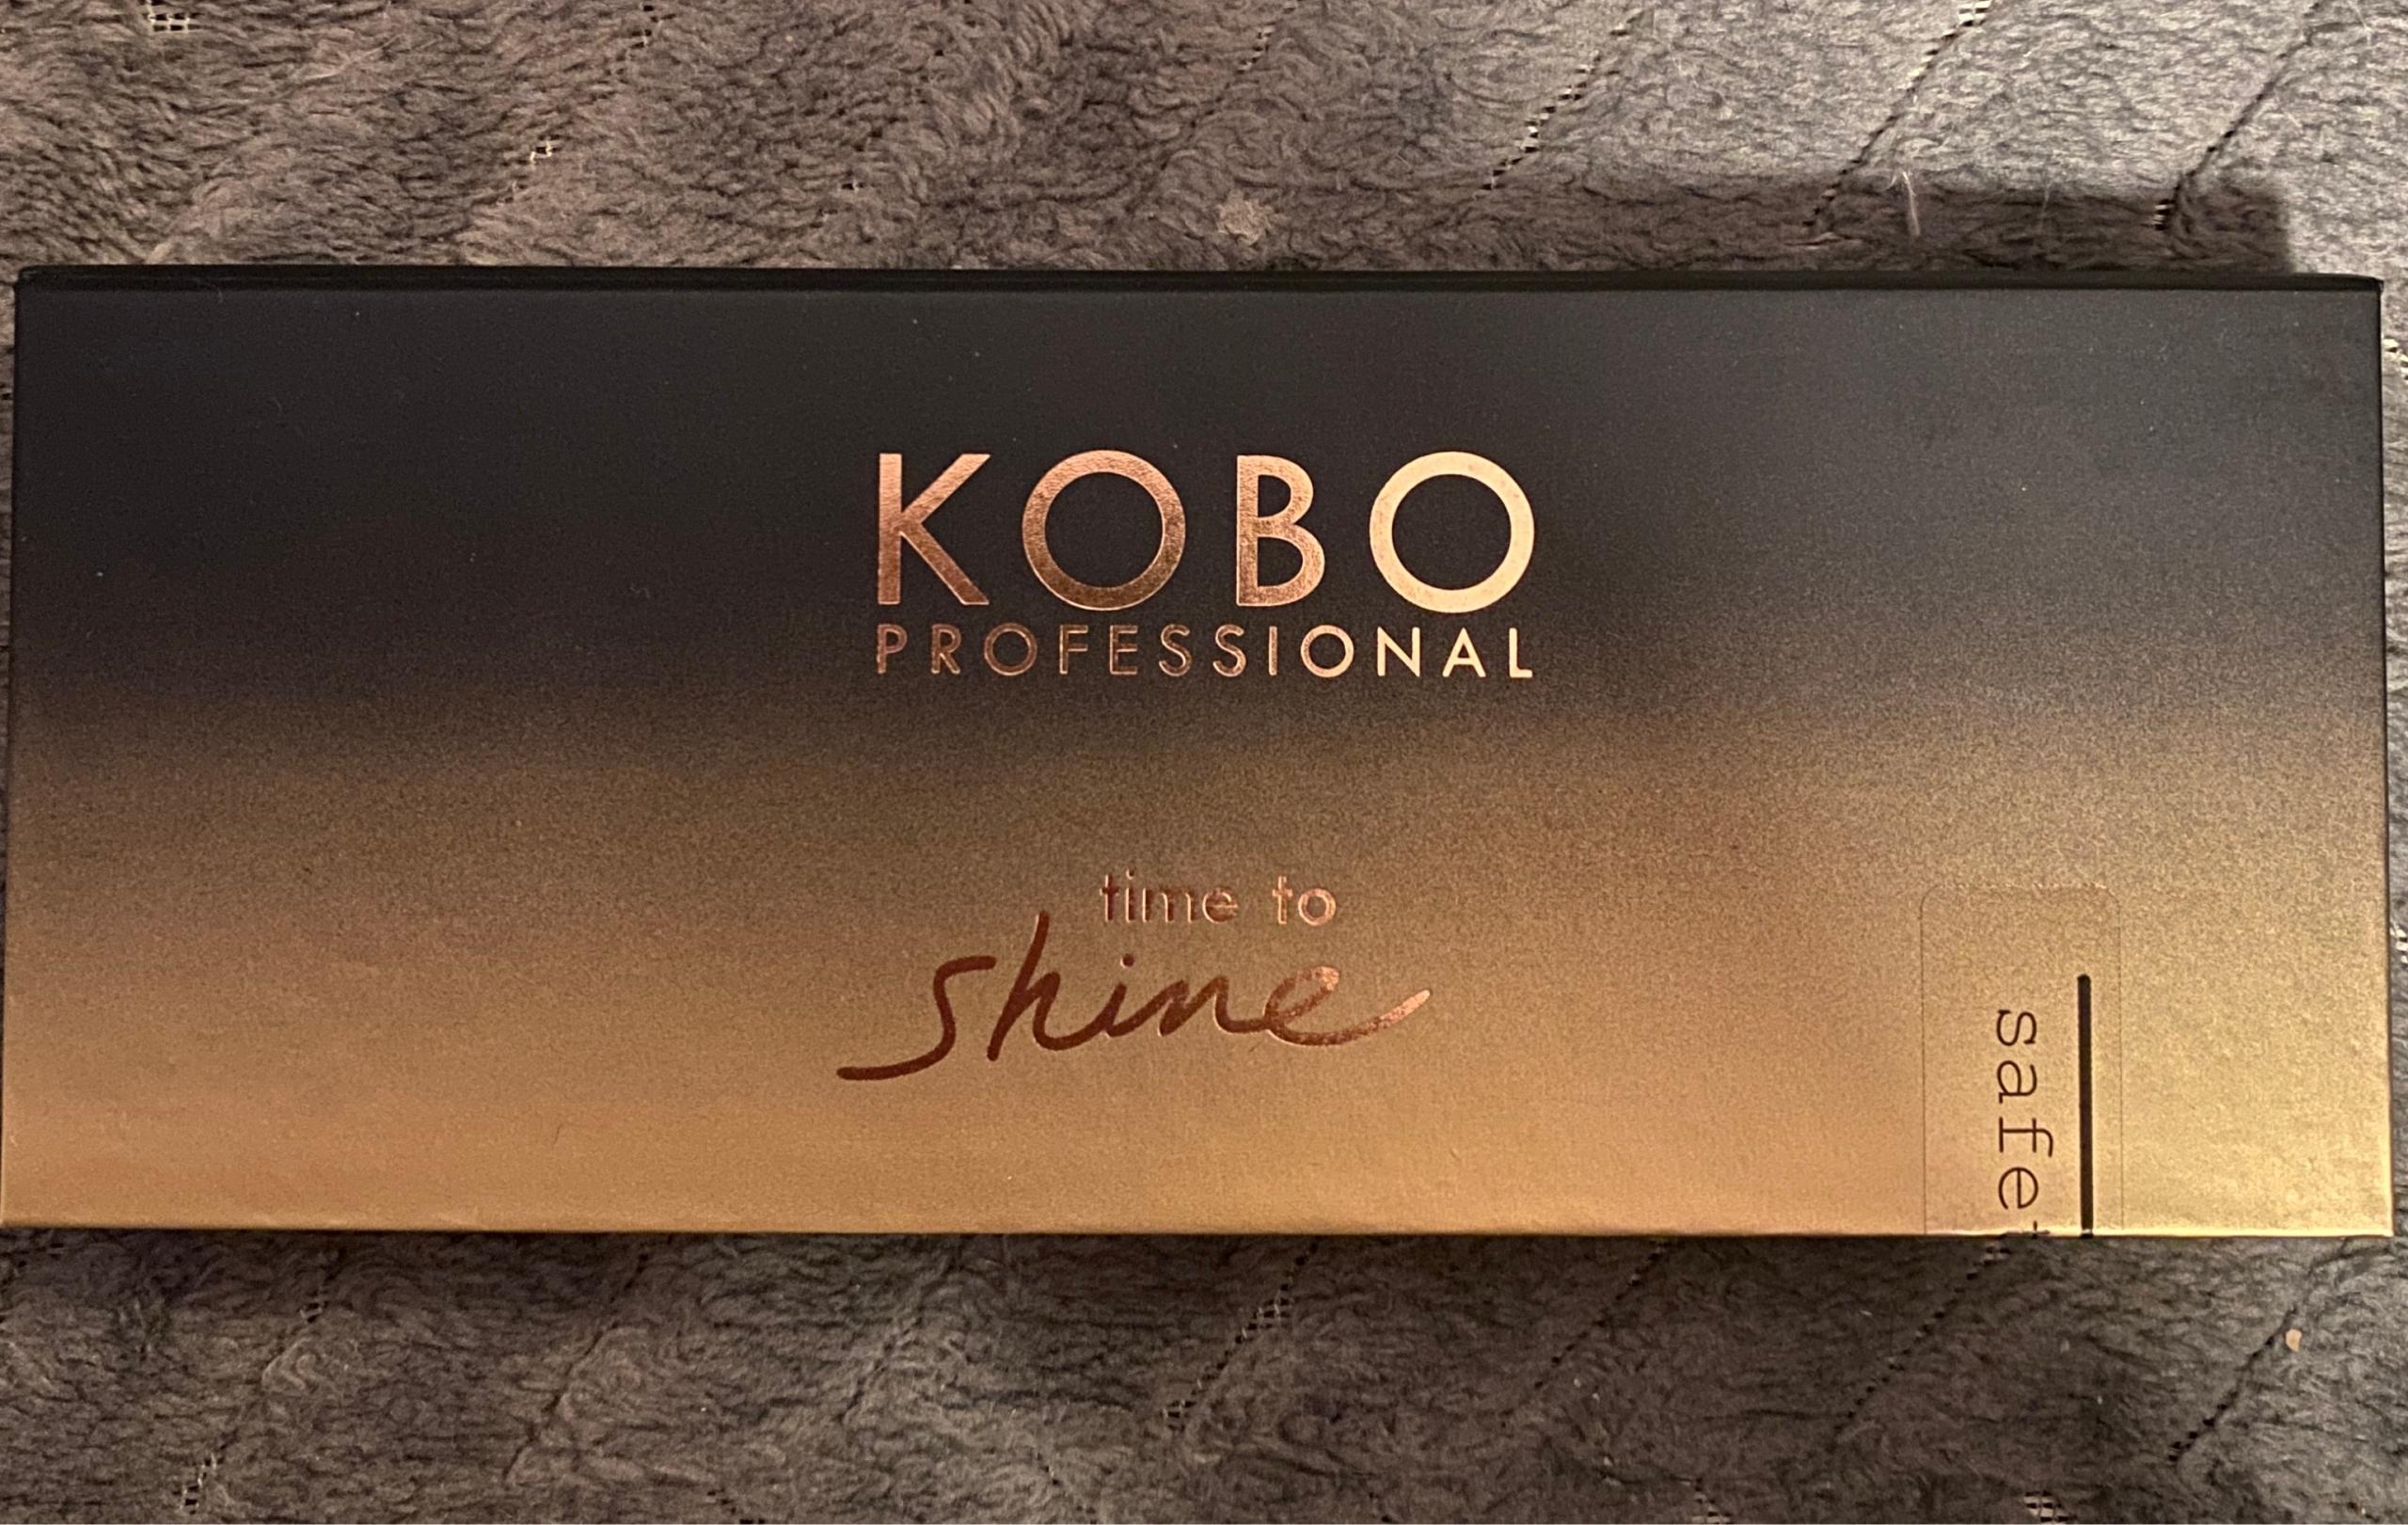 Kobo Professional Time To Shine Rozswietlacze Kup Teraz Za 60 00 Zl Warszawa Allegro Lokalnie